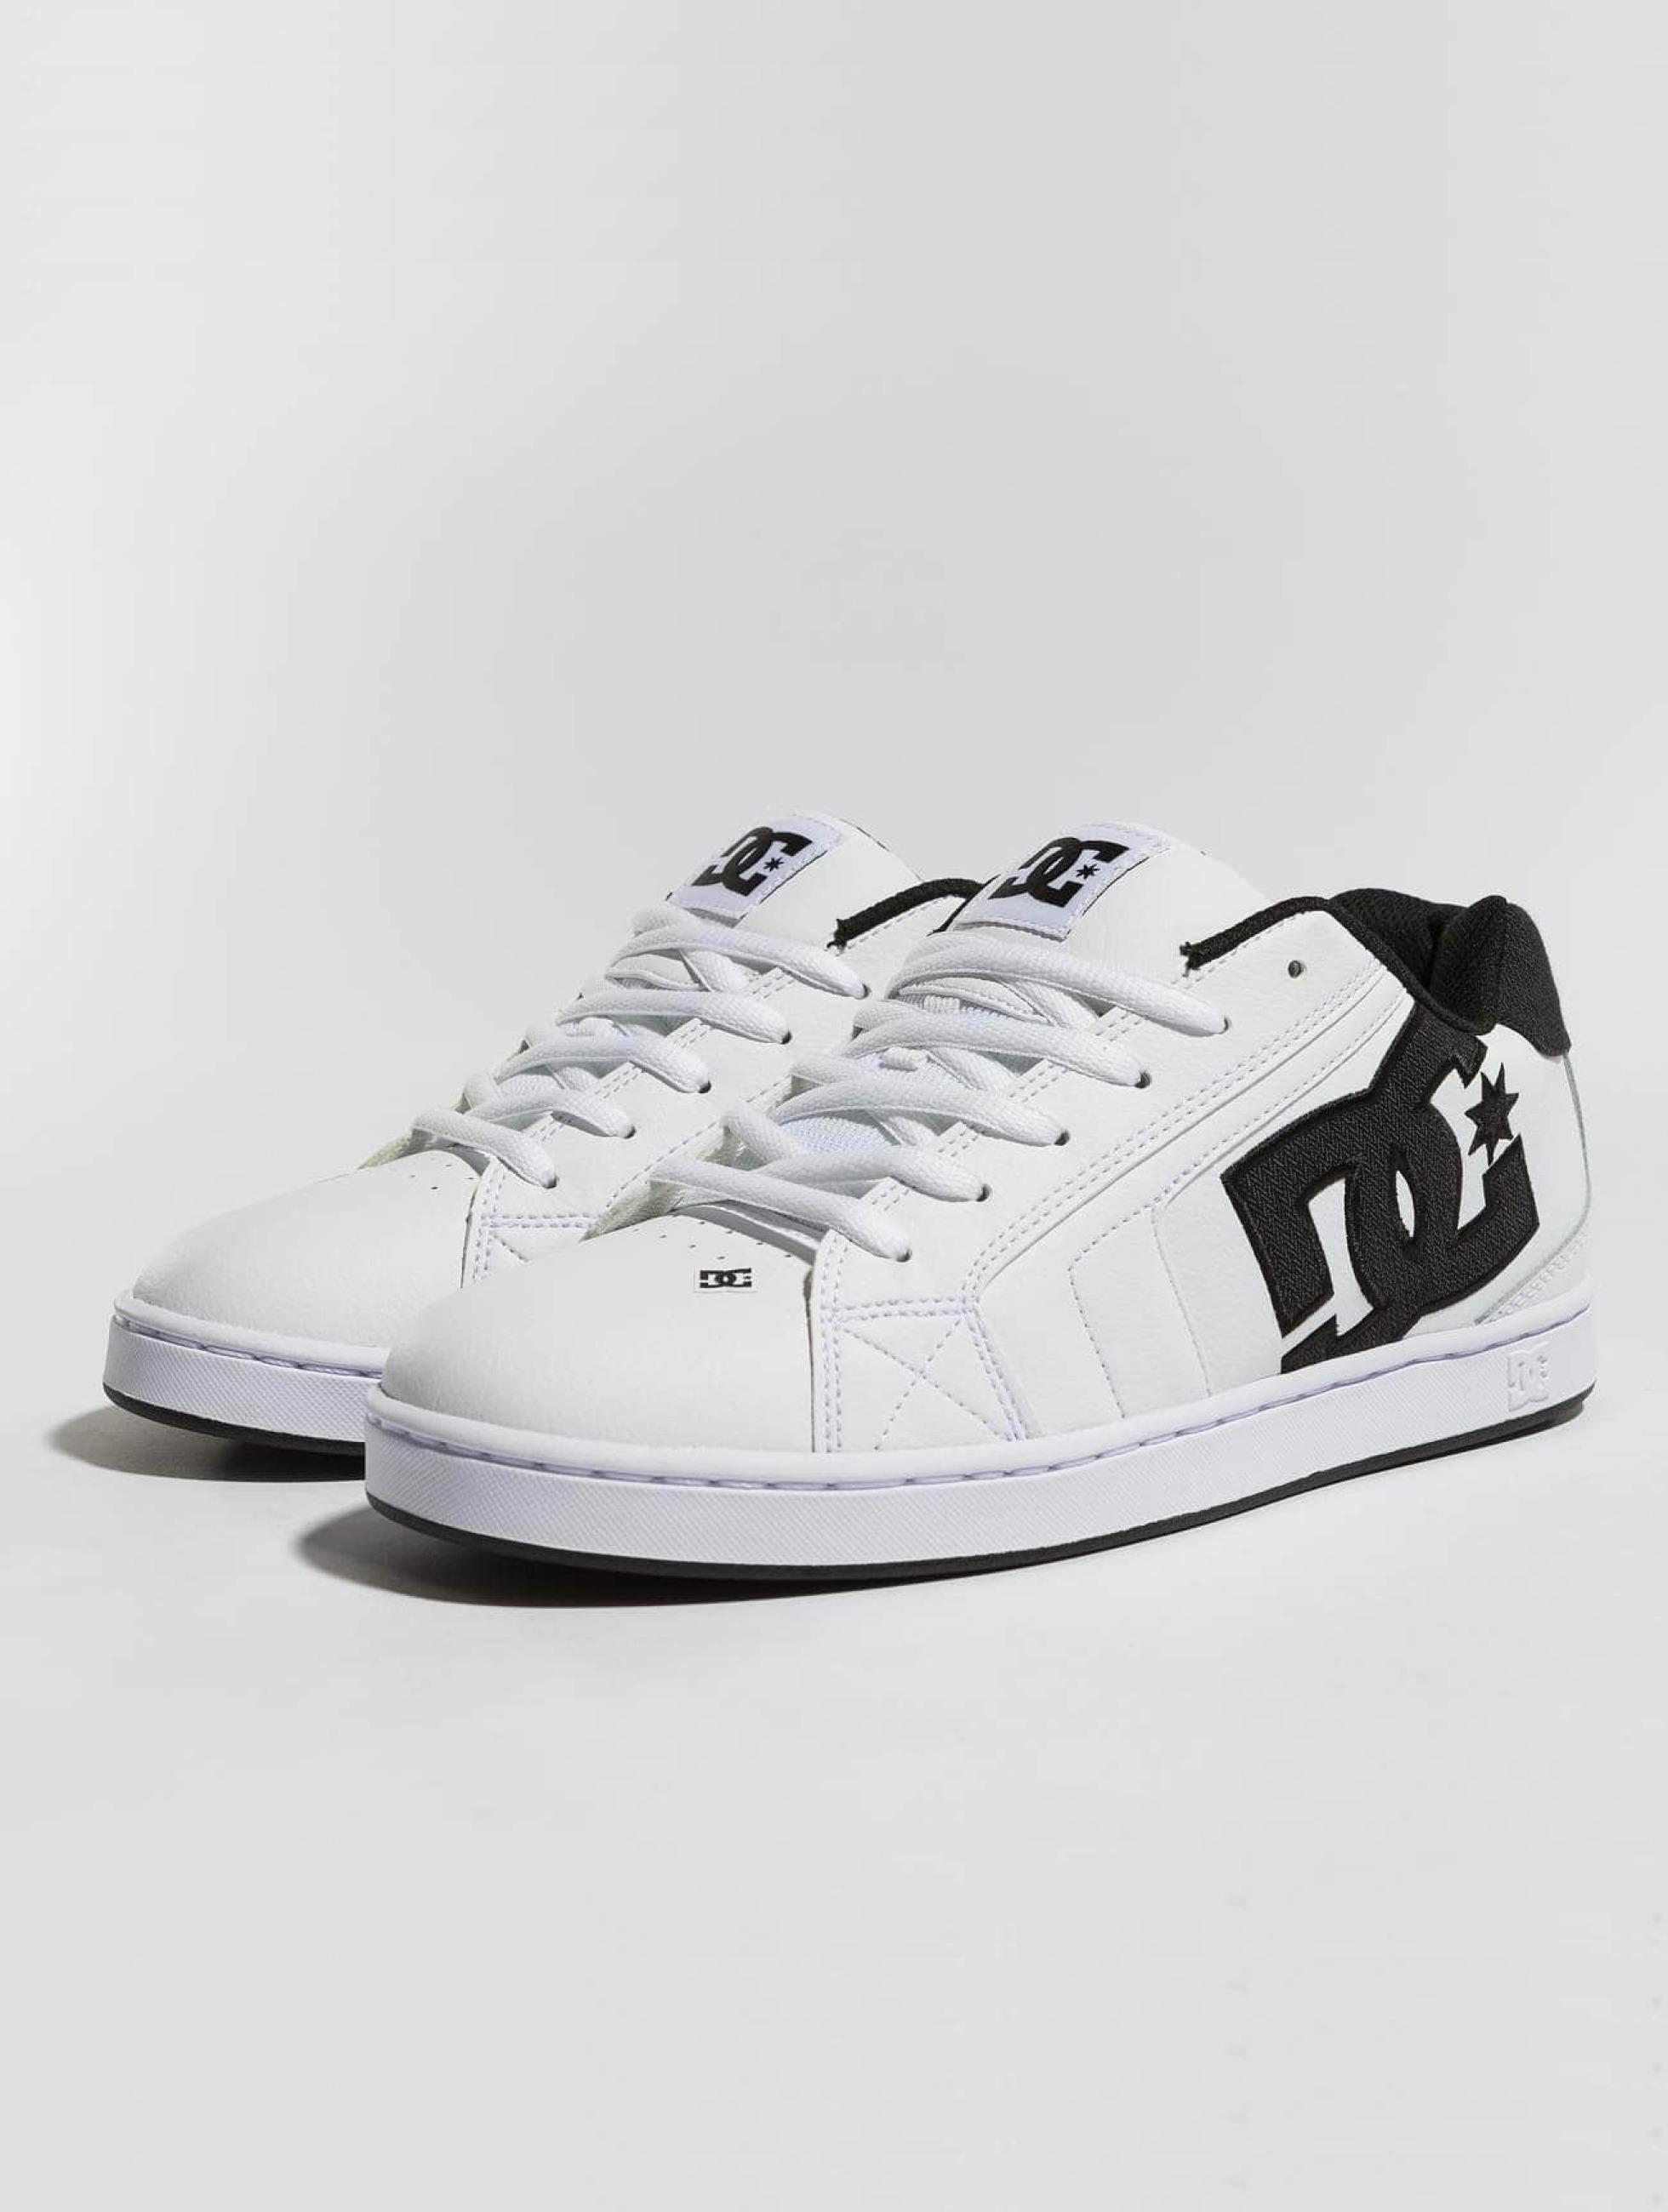 80e8a964d82 DC schoen / sneaker Net Se in wit 472308